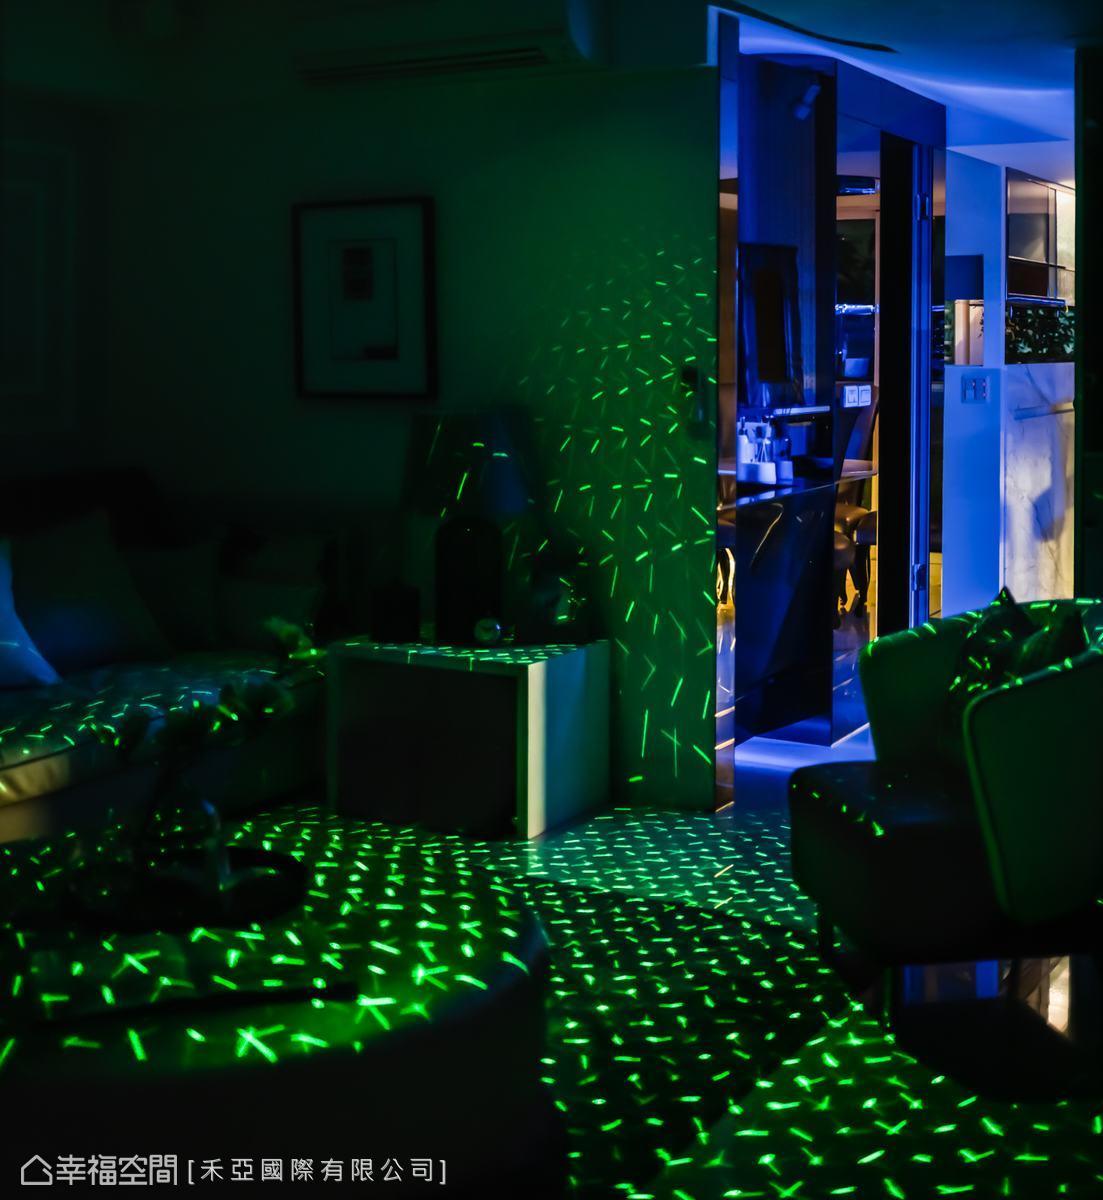 客廳除了影音設備,設計師還特別配置KTV投射光,小舞台、大沙發,滿足全家的娛樂需求。